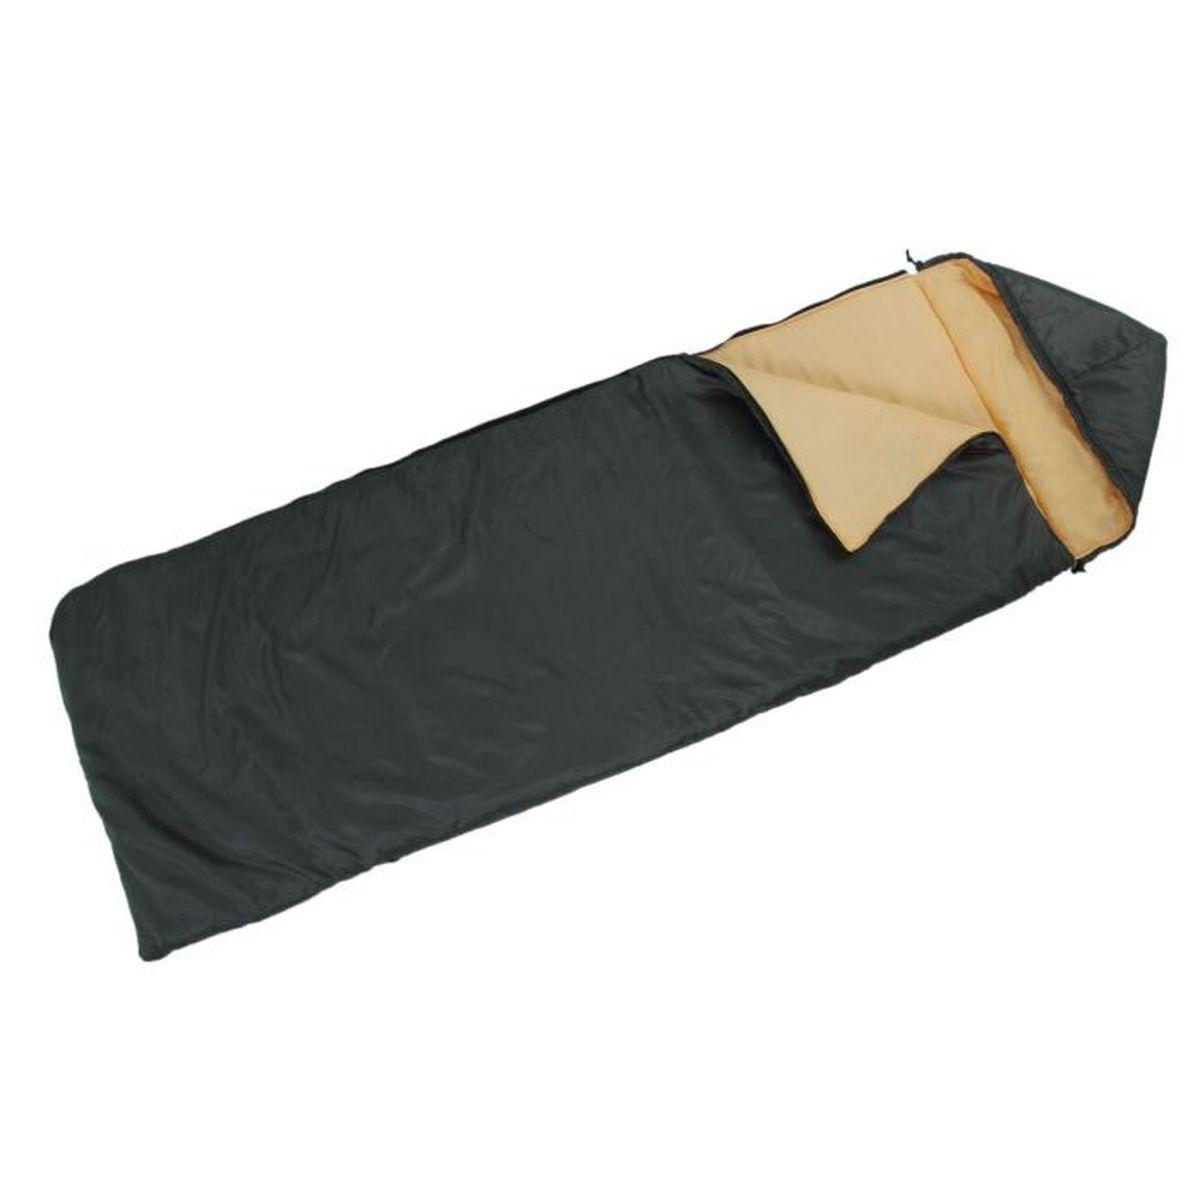 Спальный мешок Onlitop  Престиж , цвет: черный, бежевый, правосторонняя молния. 1344027 - Спальные мешки